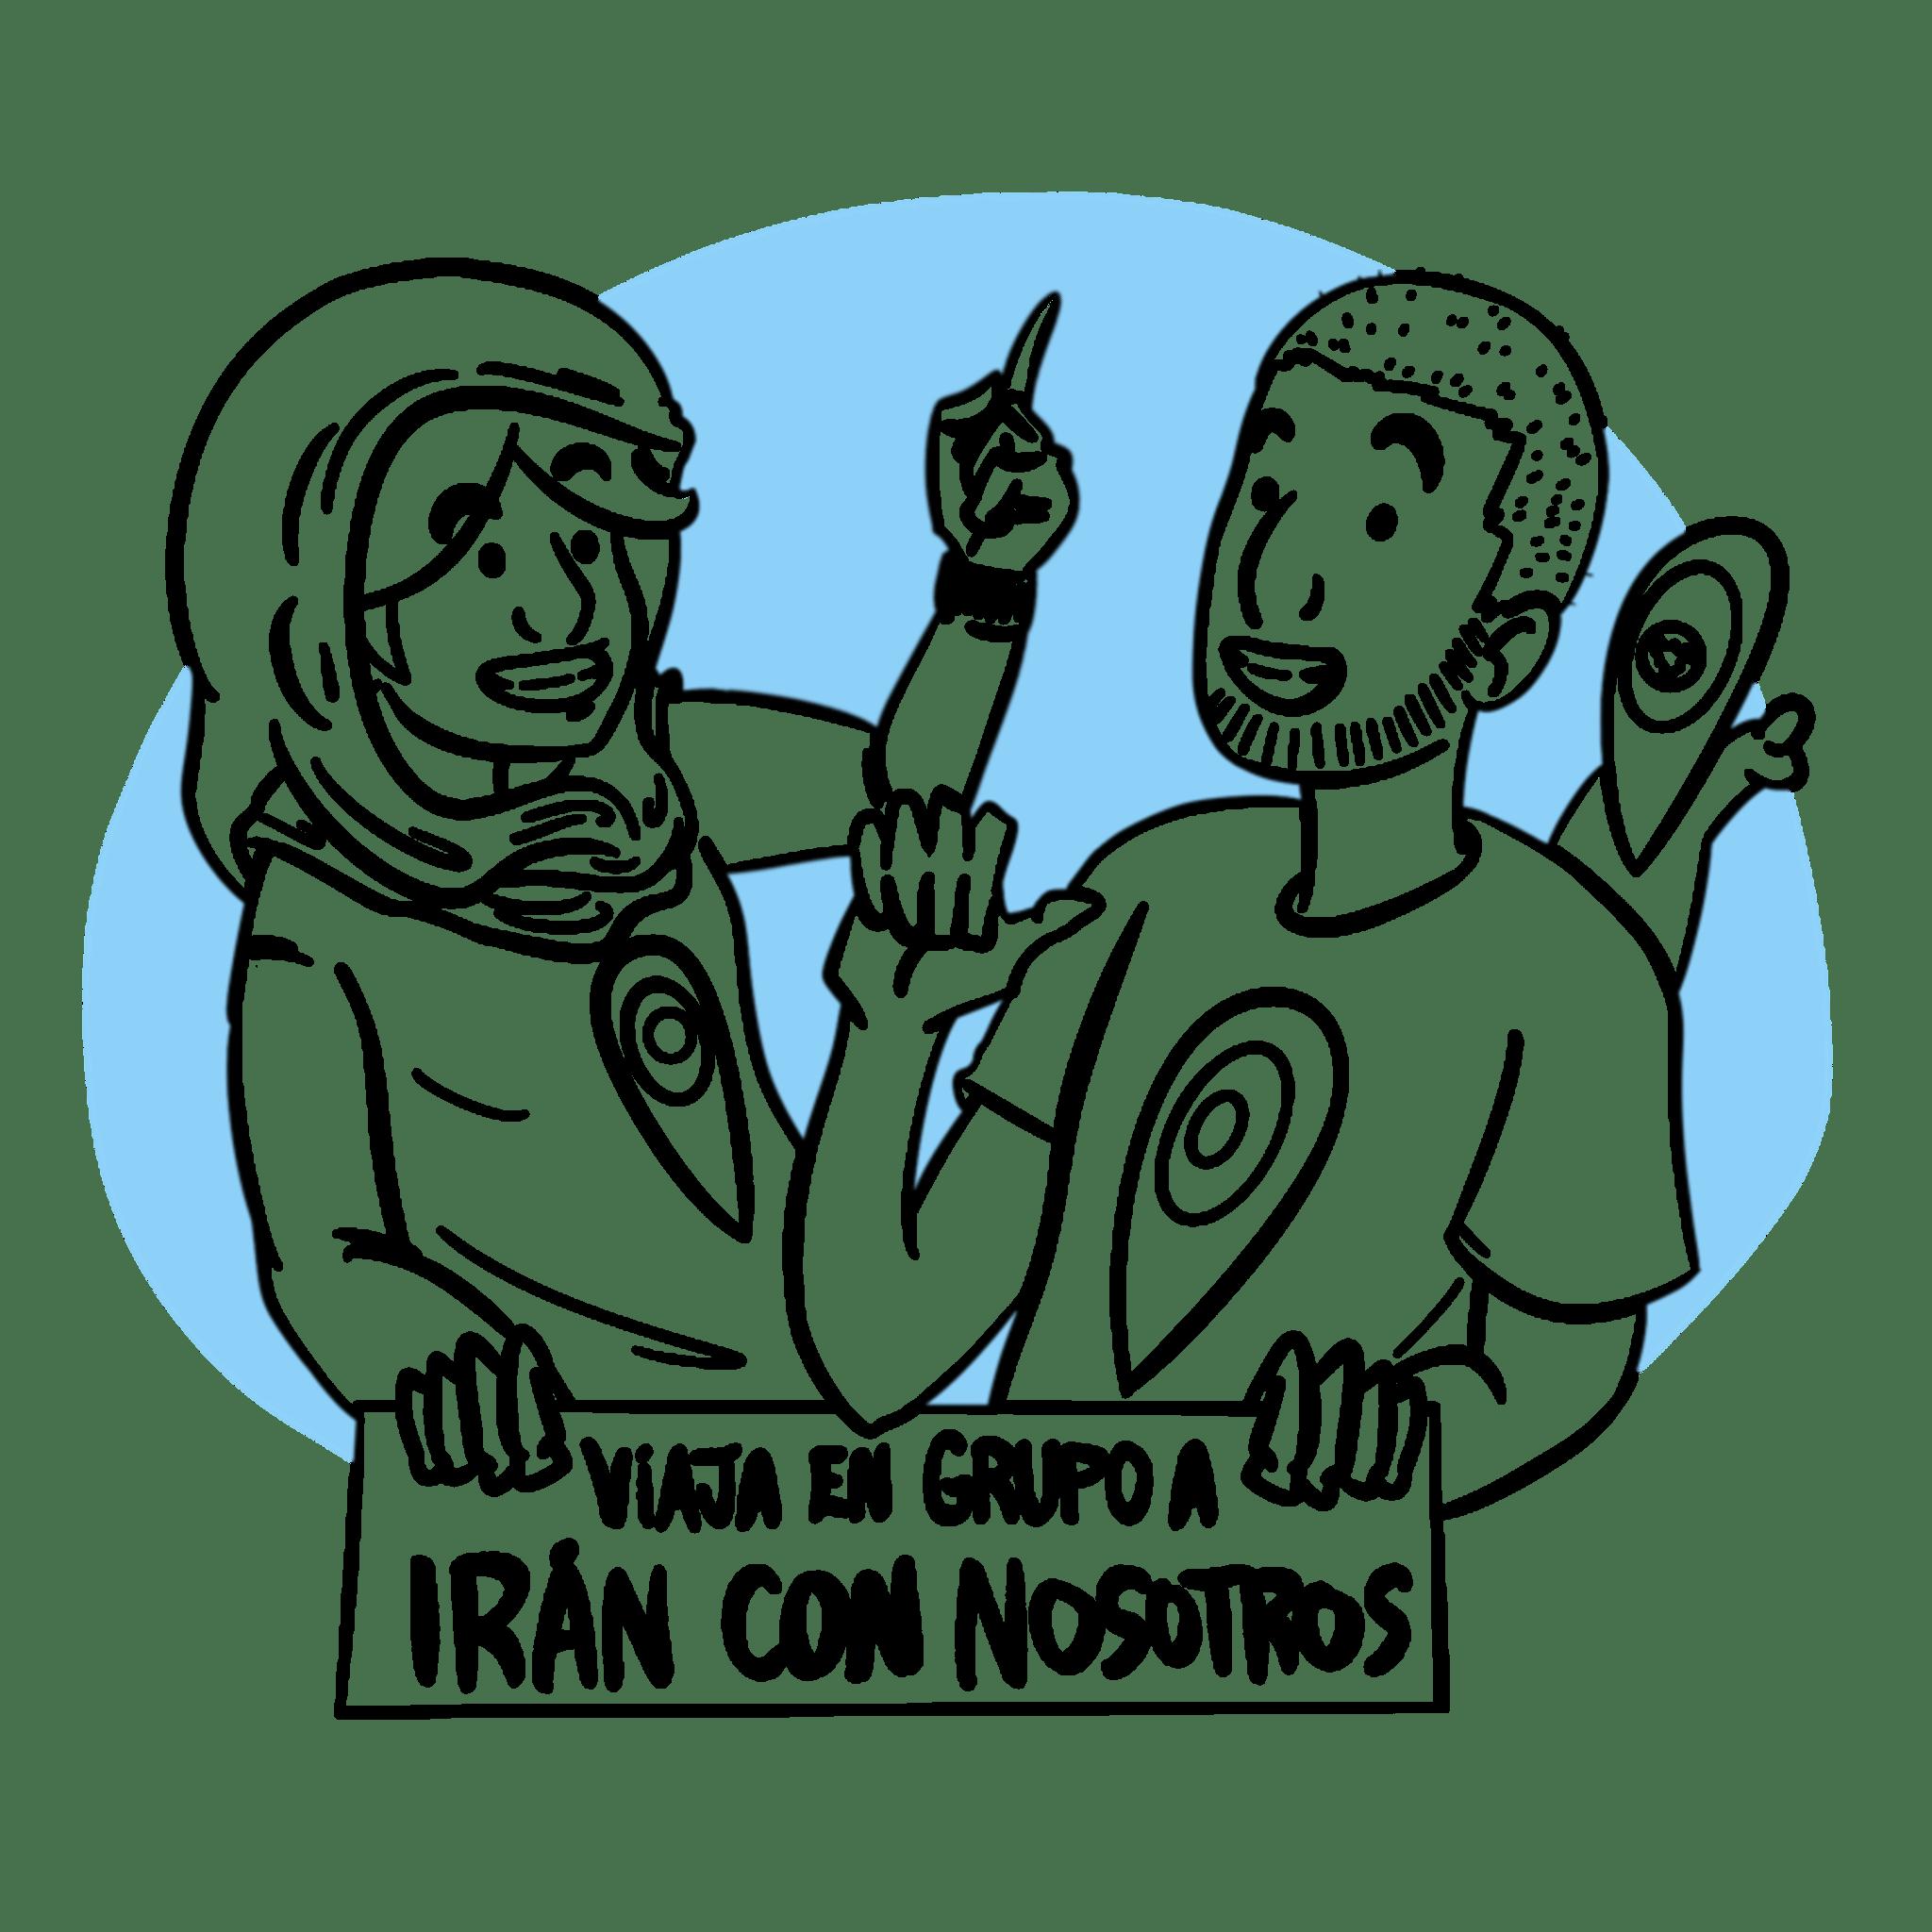 viaje en grupo a iran